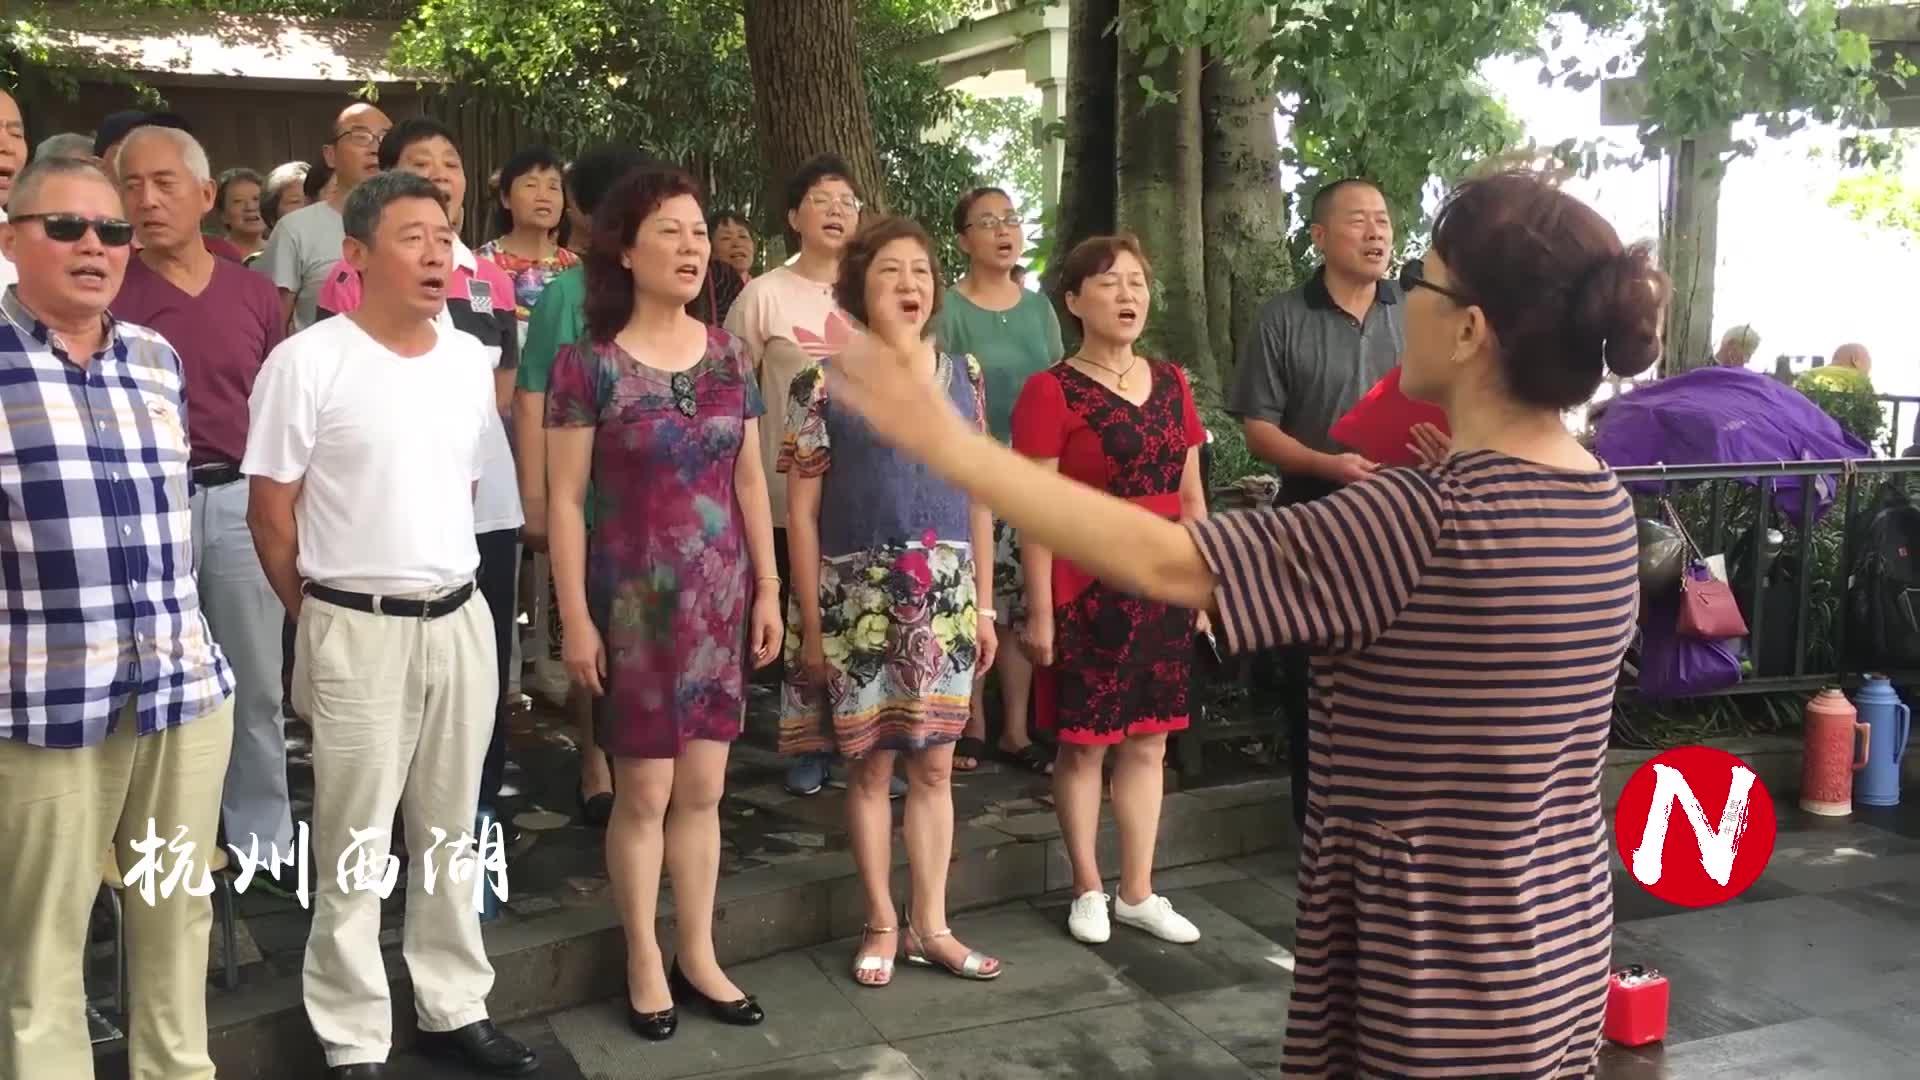 大合唱《五星红旗迎风飘扬》唱得好感动,祝福祖国繁荣昌盛